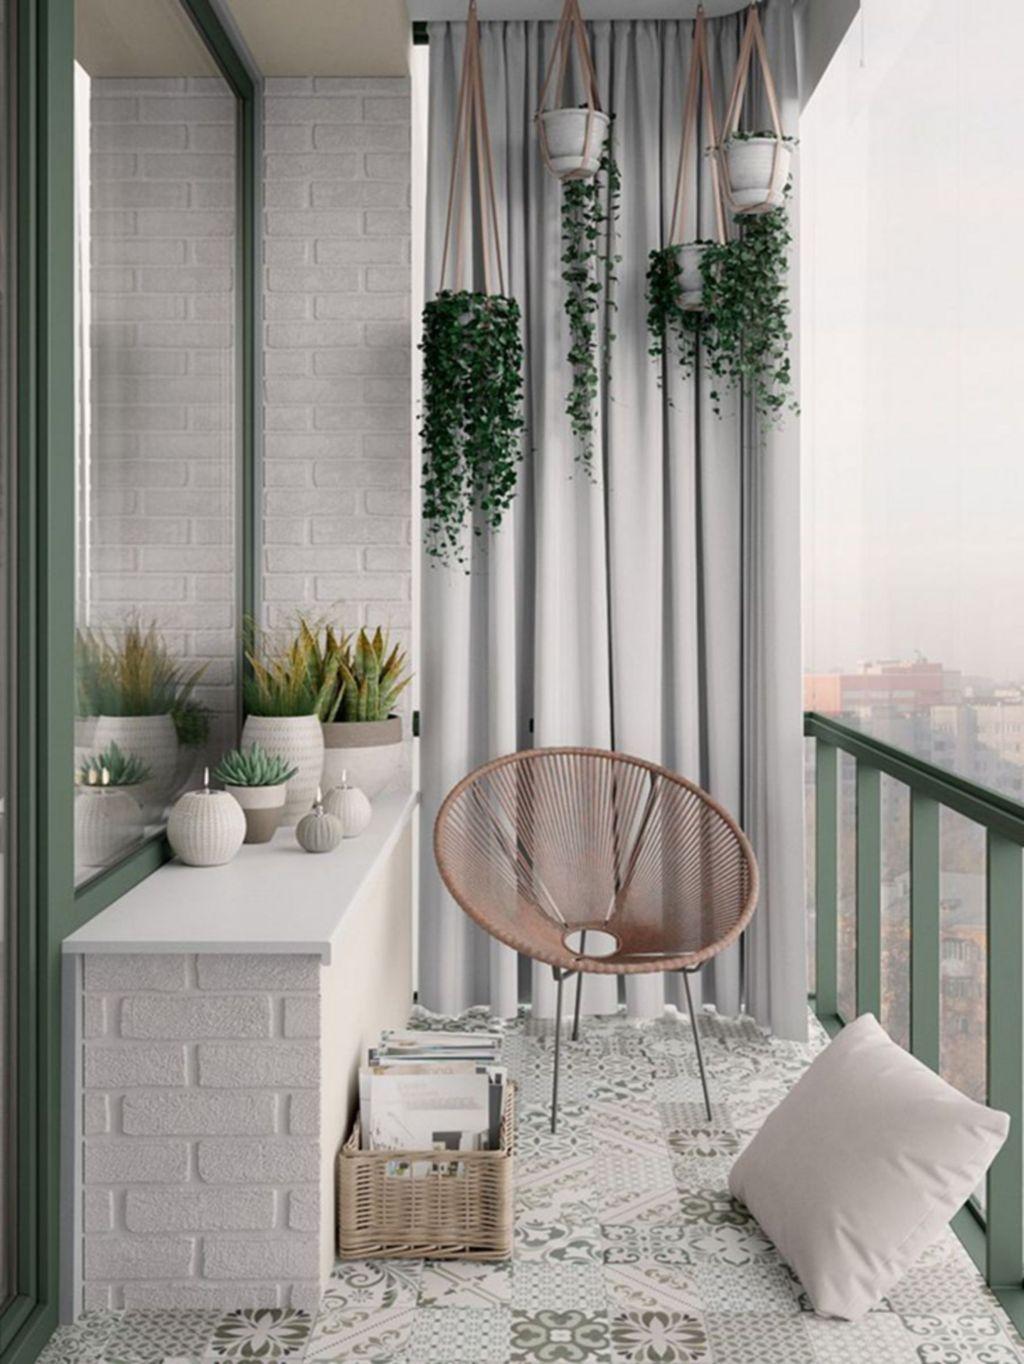 The Best Apartment Balcony Decor Ideas For Fall Season 20